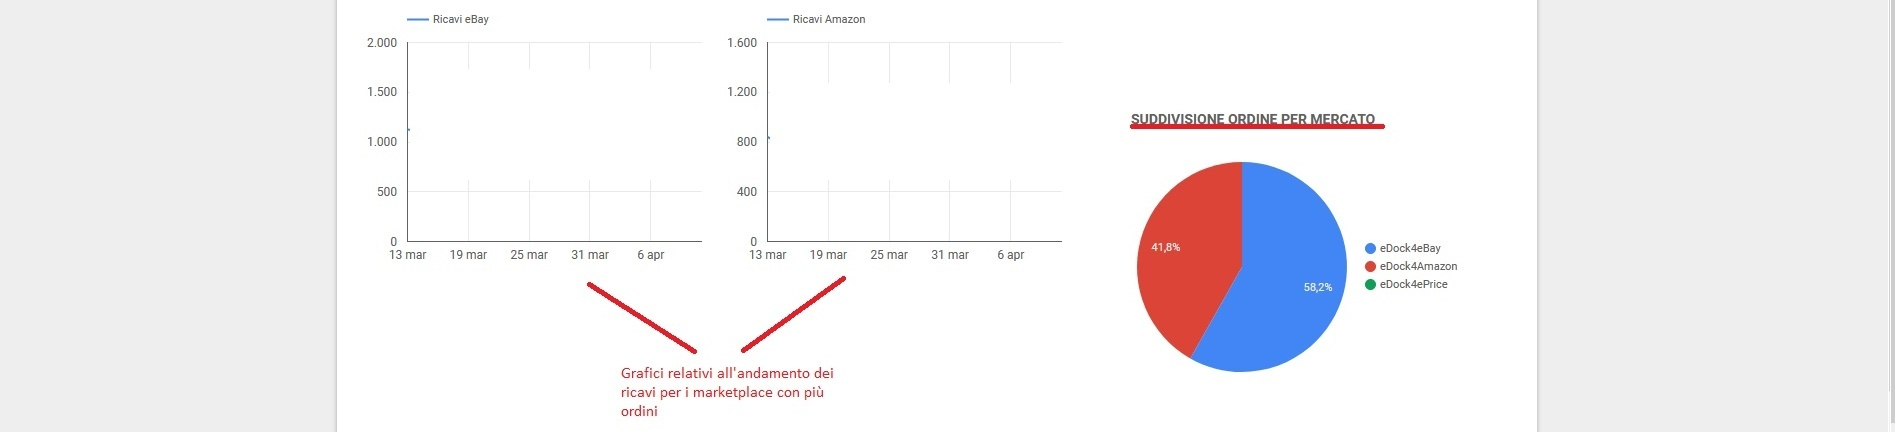 datastudio_4c